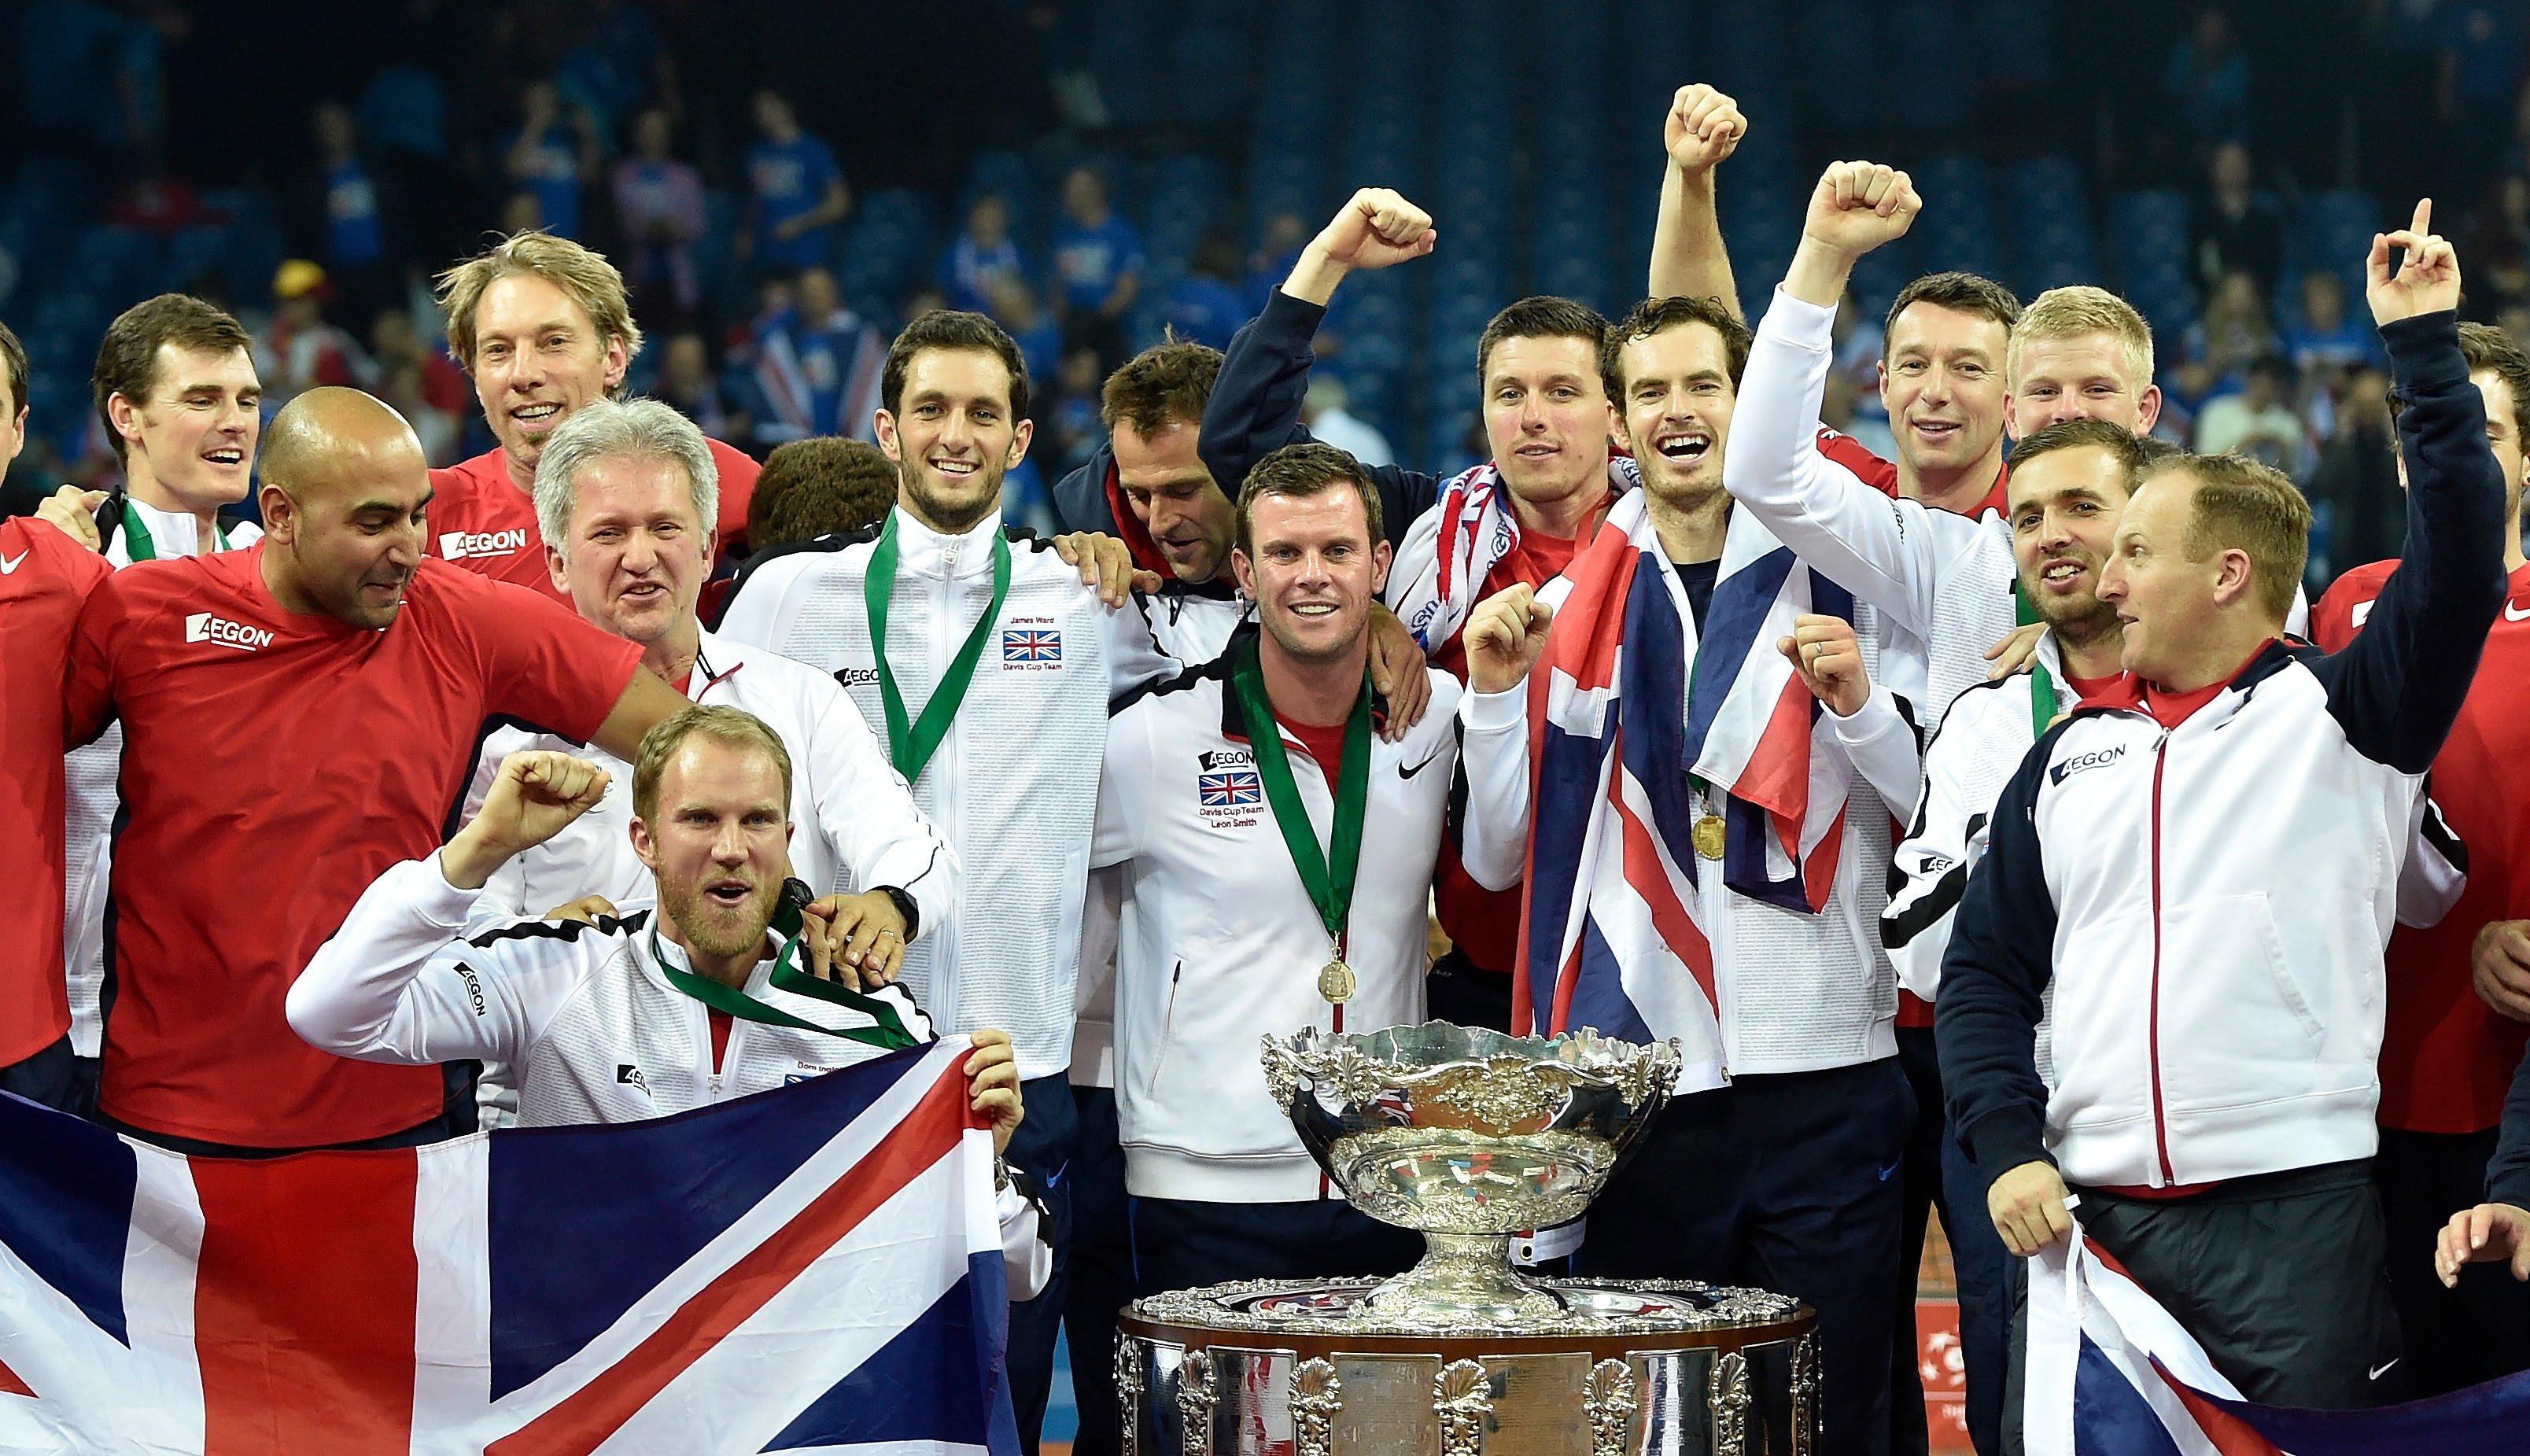 デビスカップ2015優勝写真(イギリス)